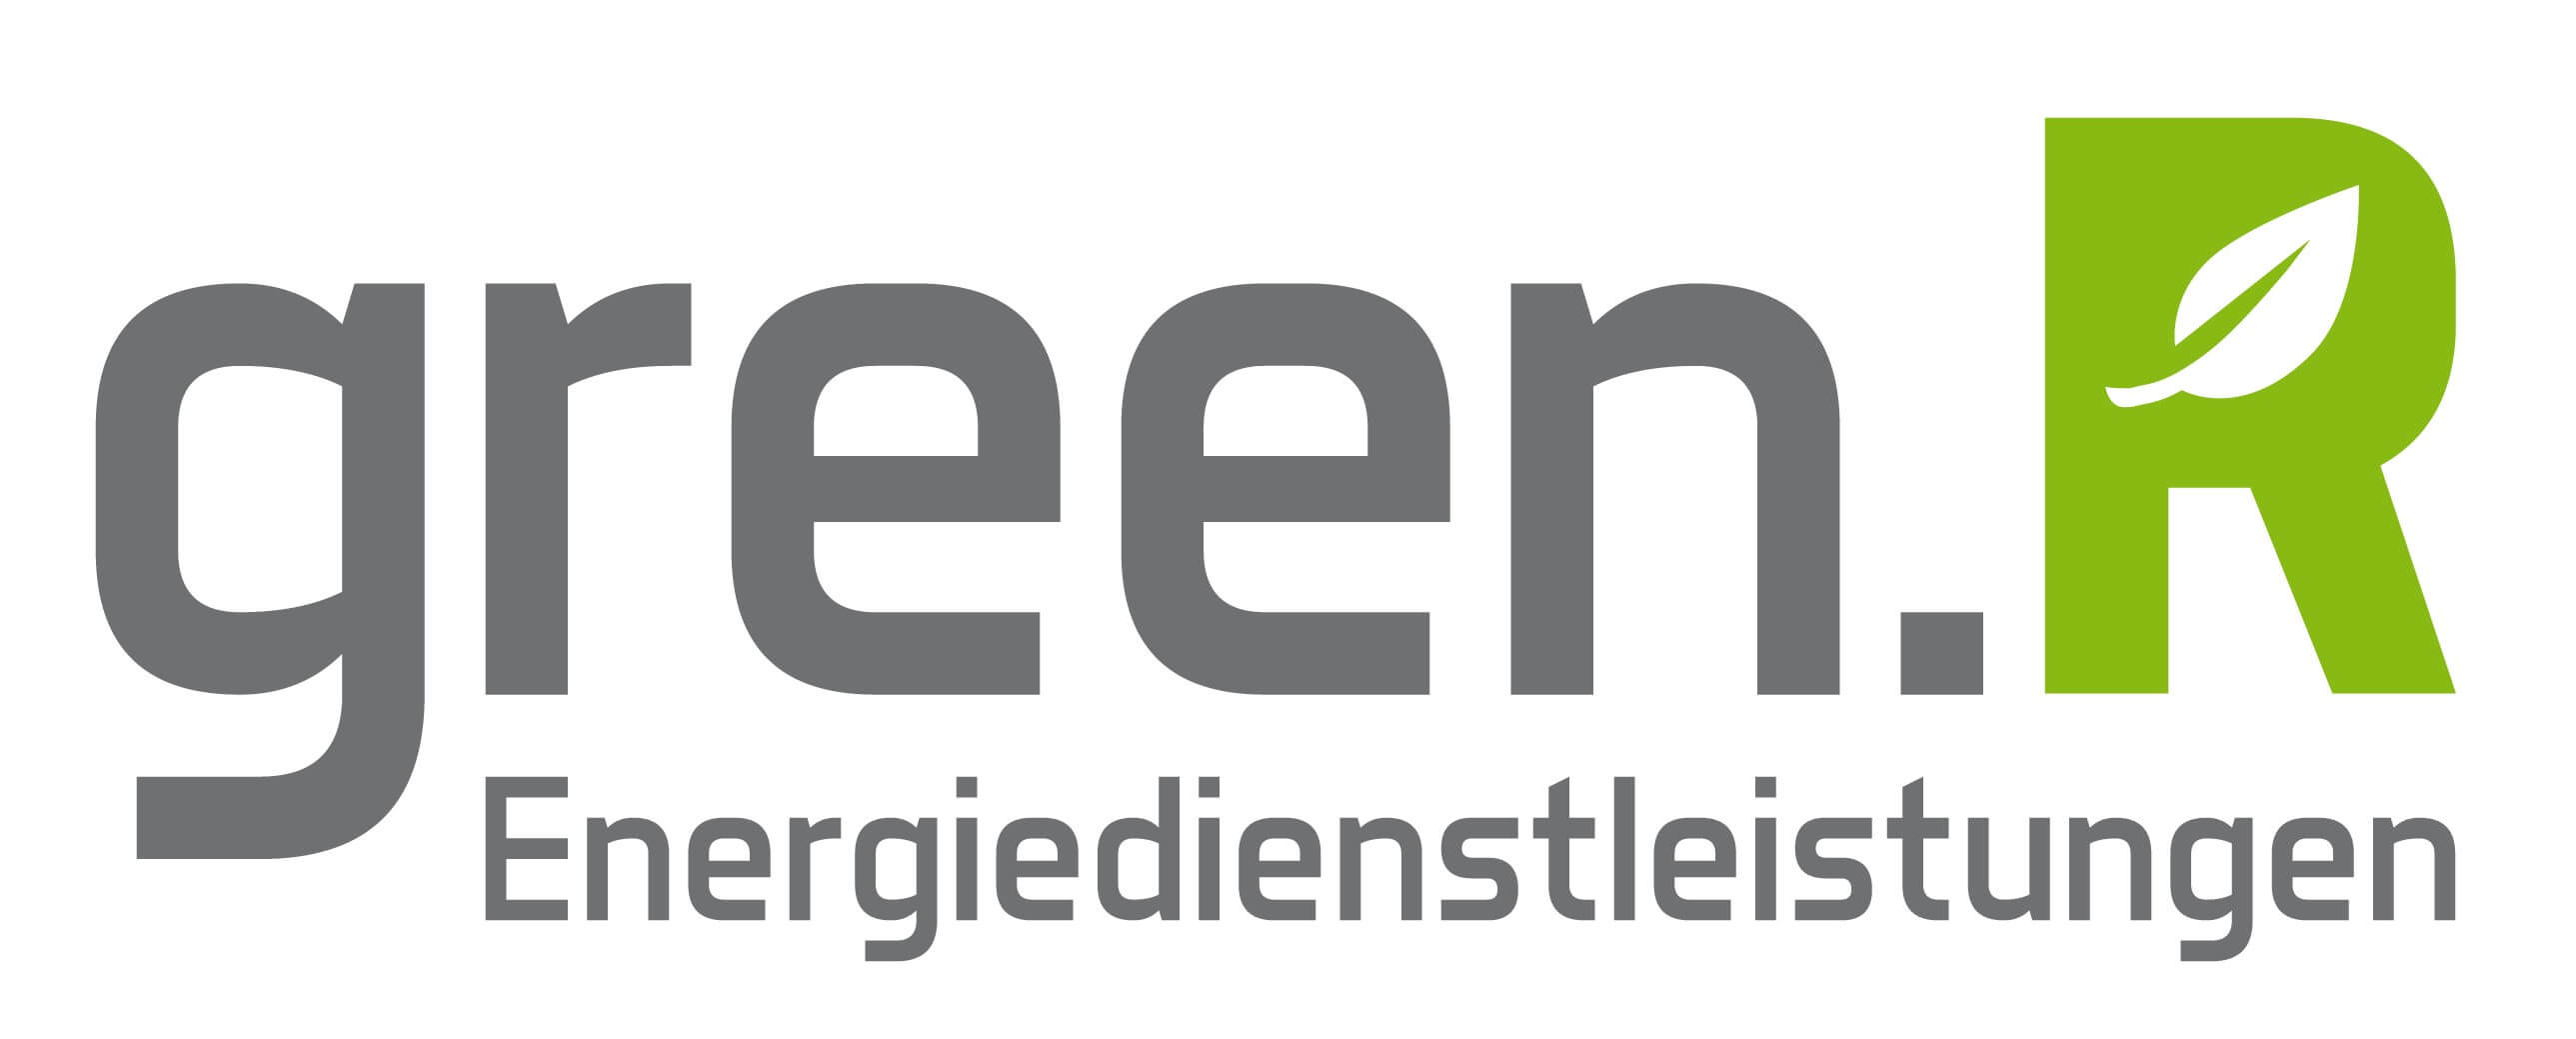 Energieberatung deutschland seriös